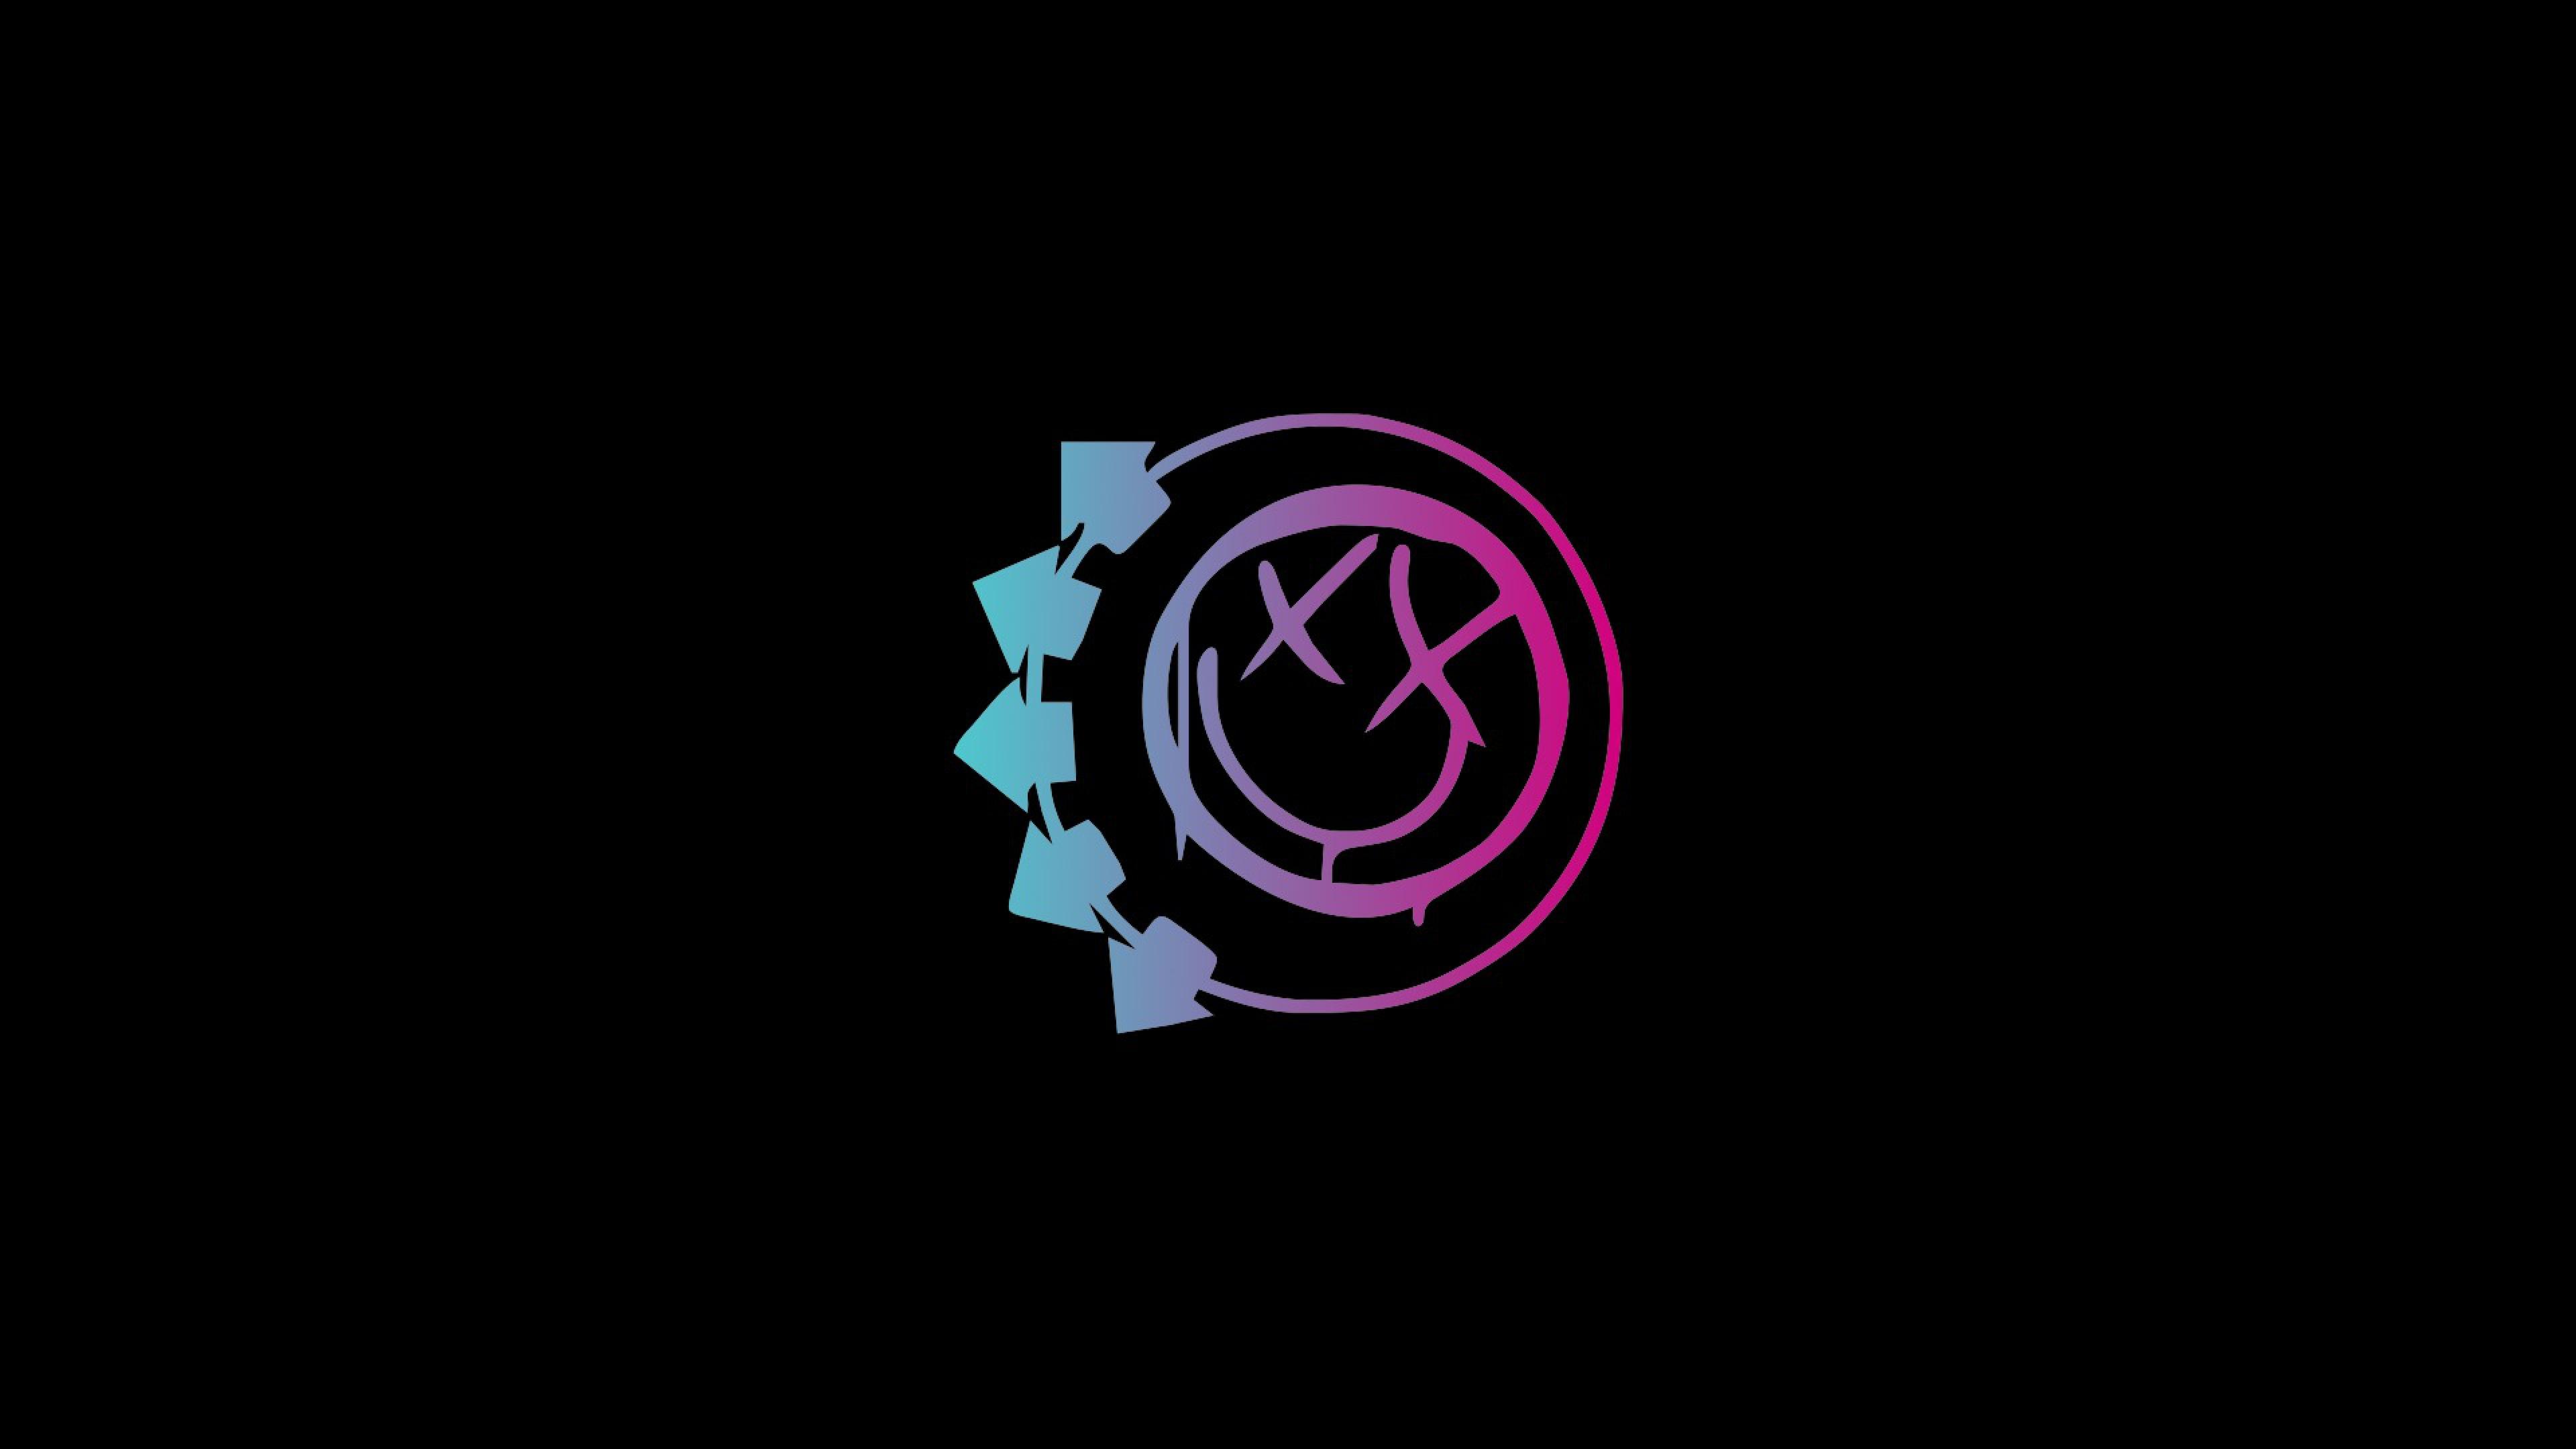 Best 47 Blink 182 Wallpaper on HipWallpaper Blink 182 Smiley 3840x2160